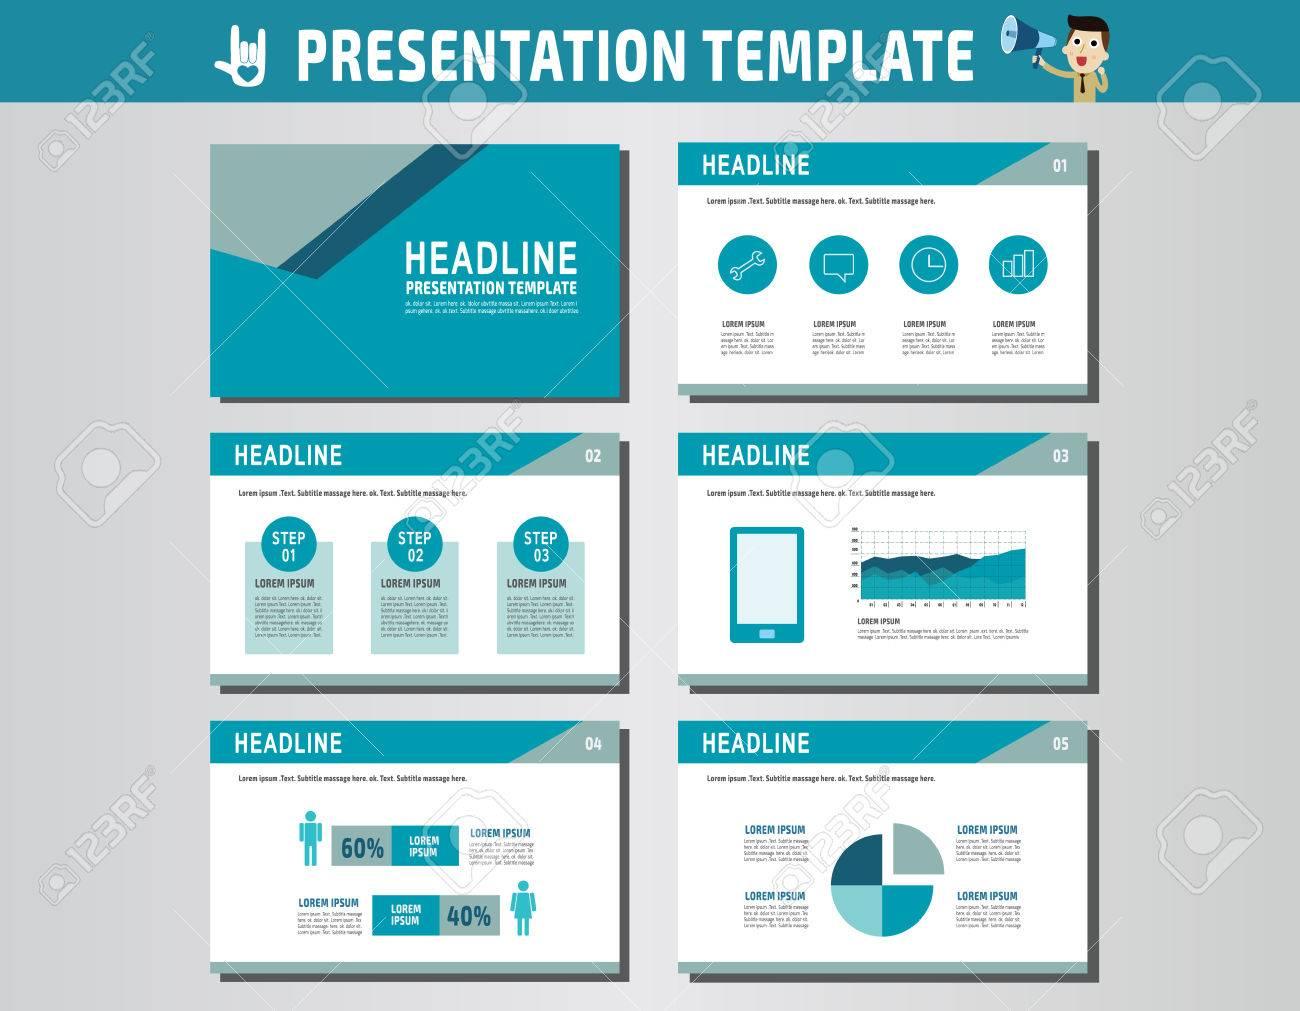 多目的プレゼンテーション template icons インフォ グラフィック